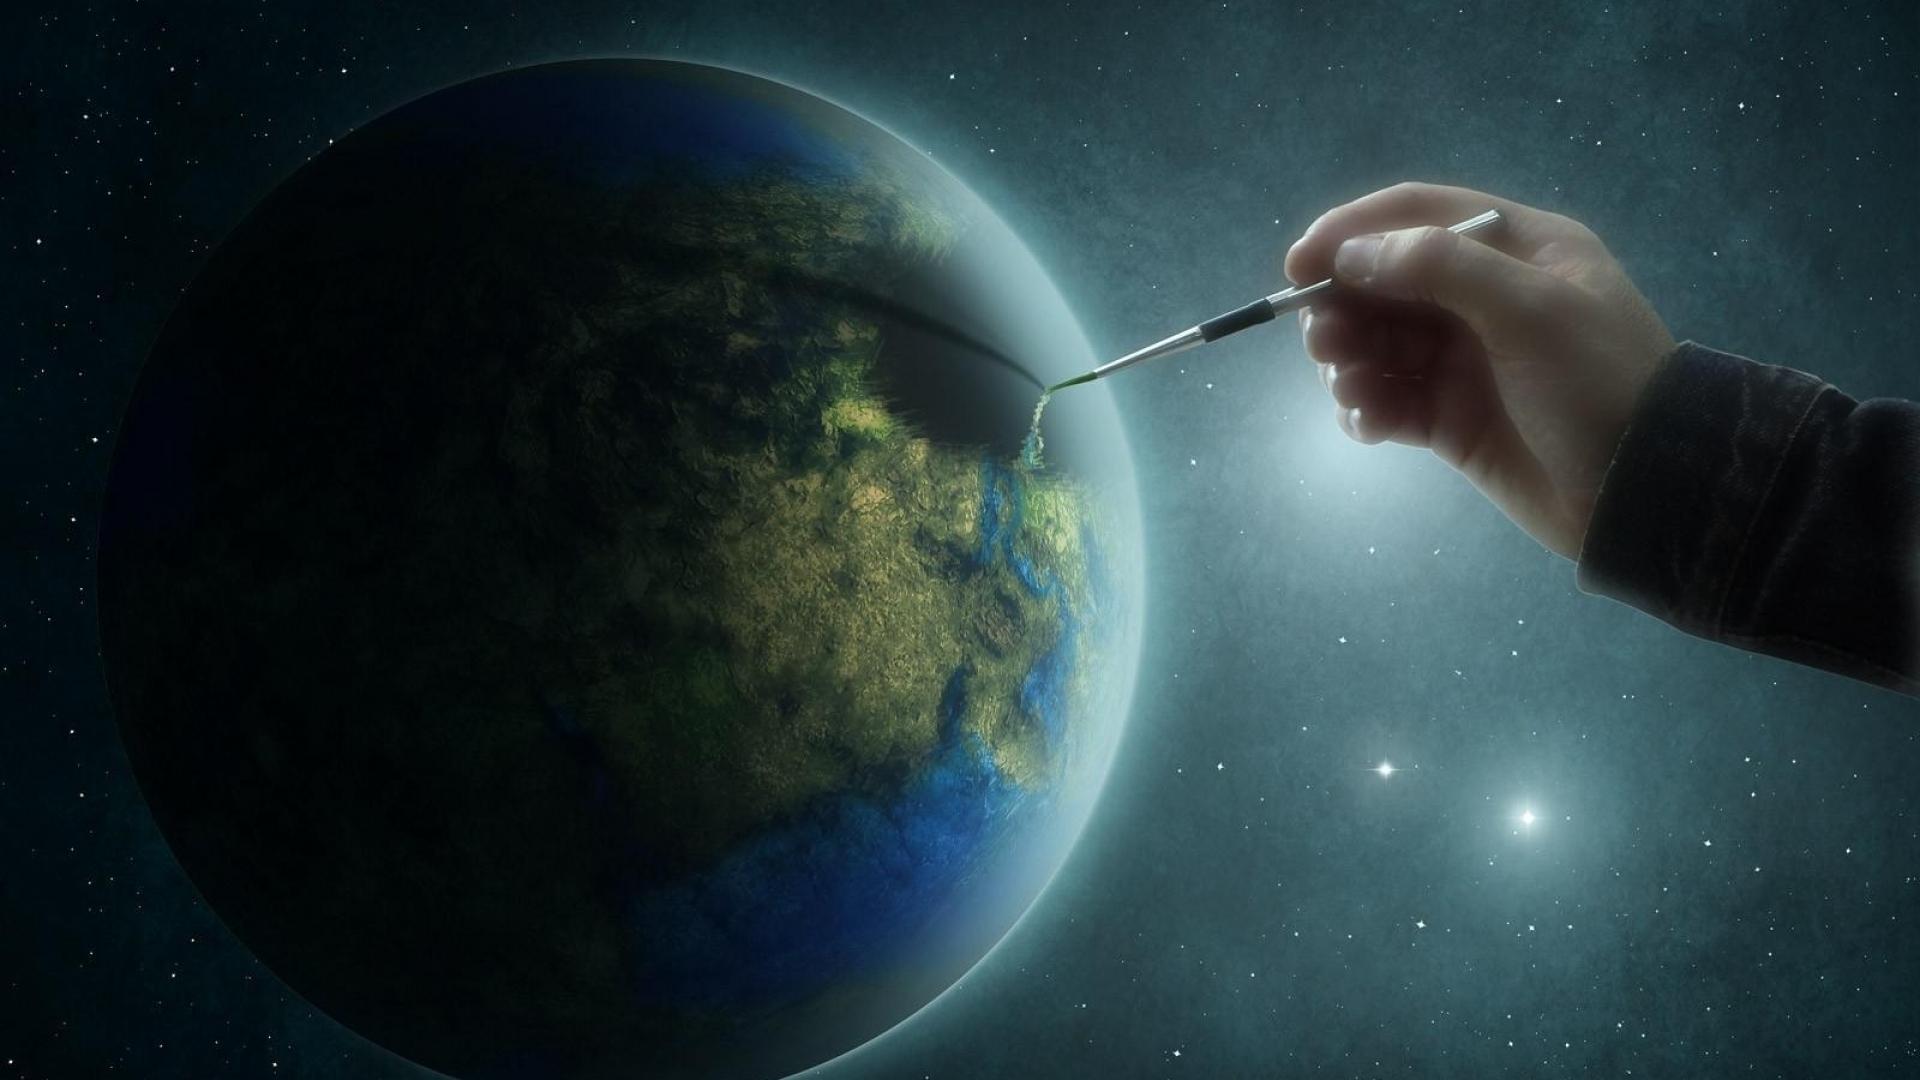 космос, бог рисует планету, обои на рабочий стол